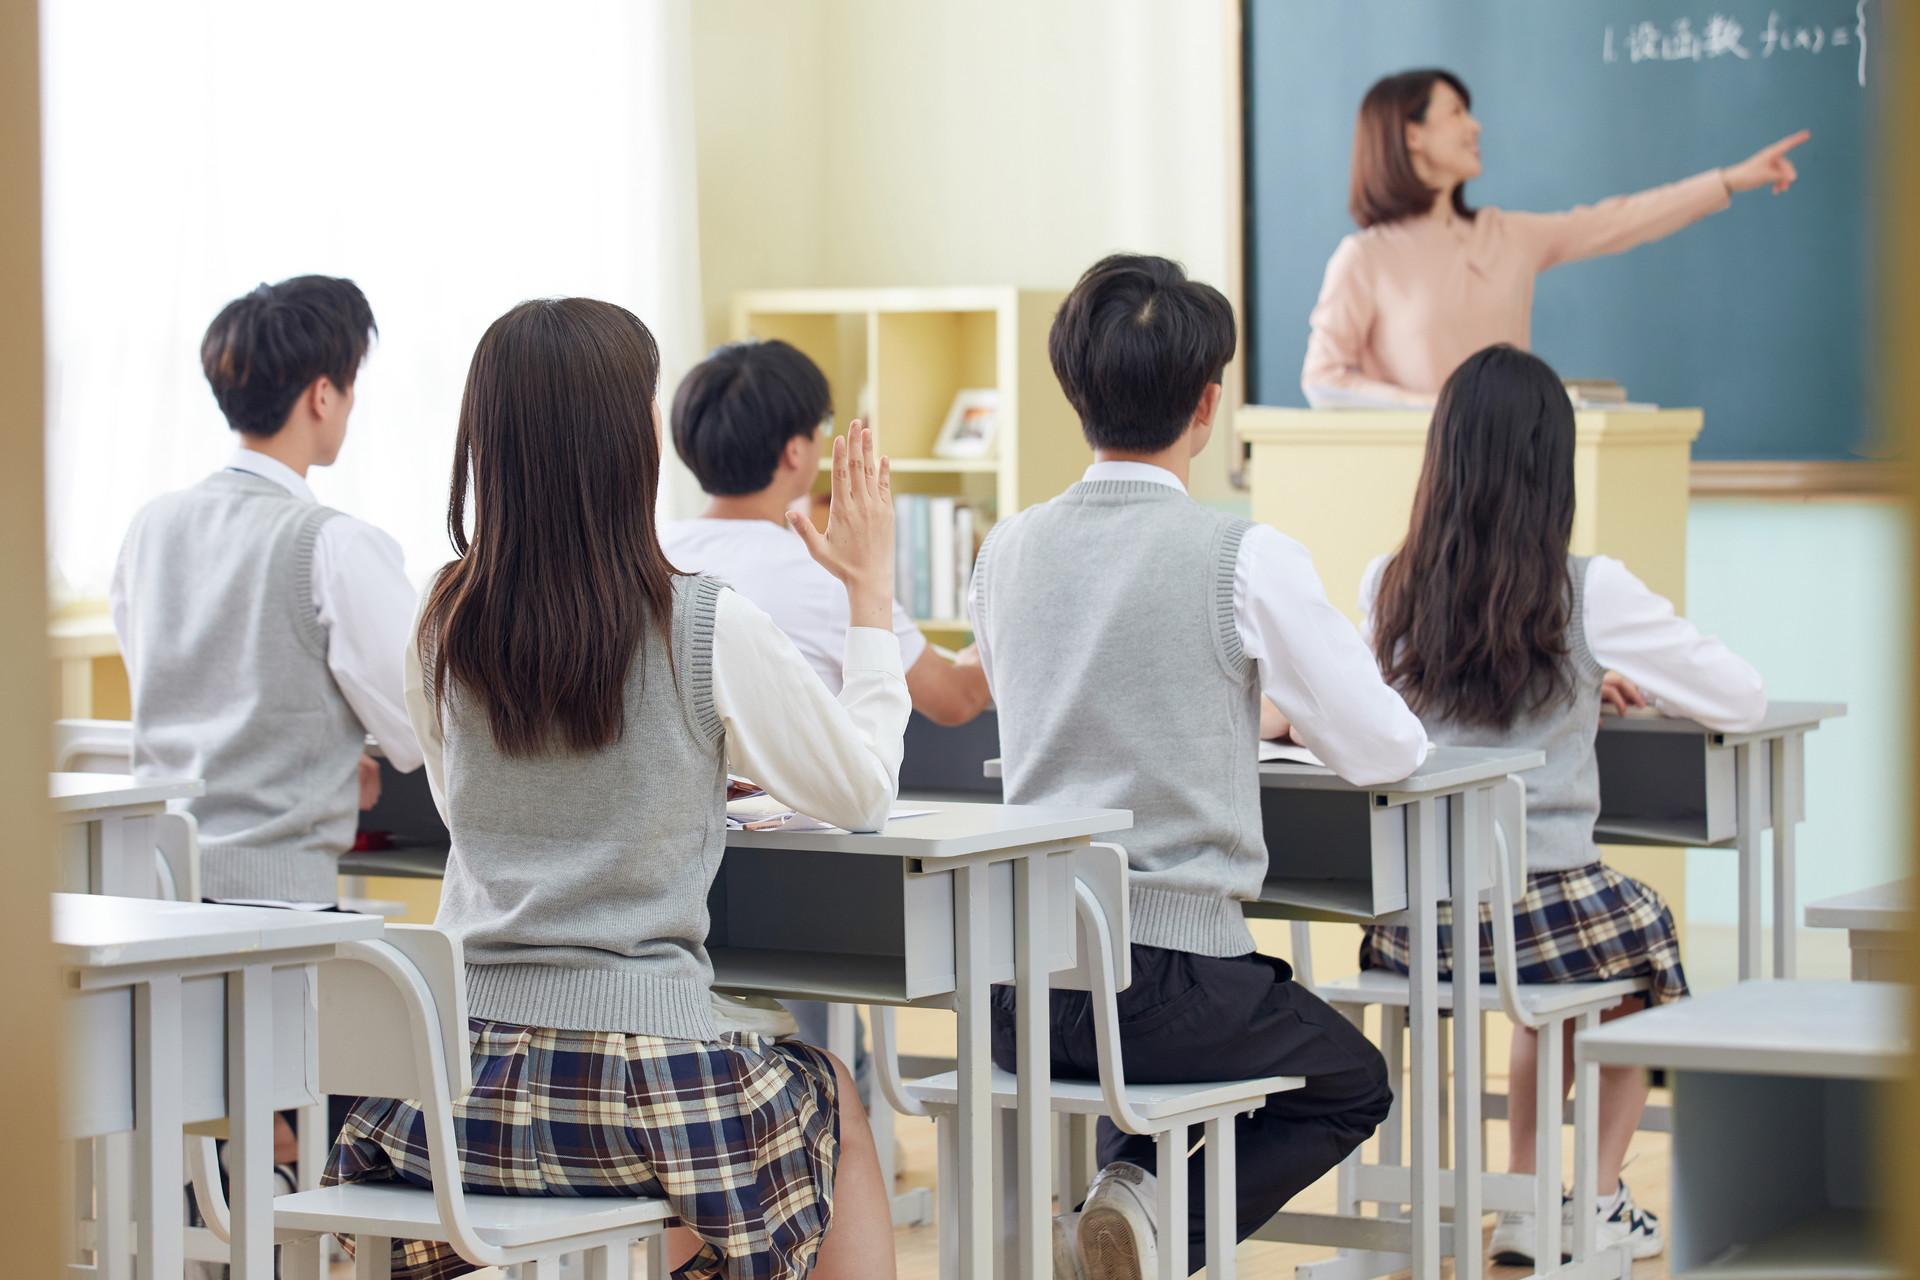 男学生体检一般检查哪些项目